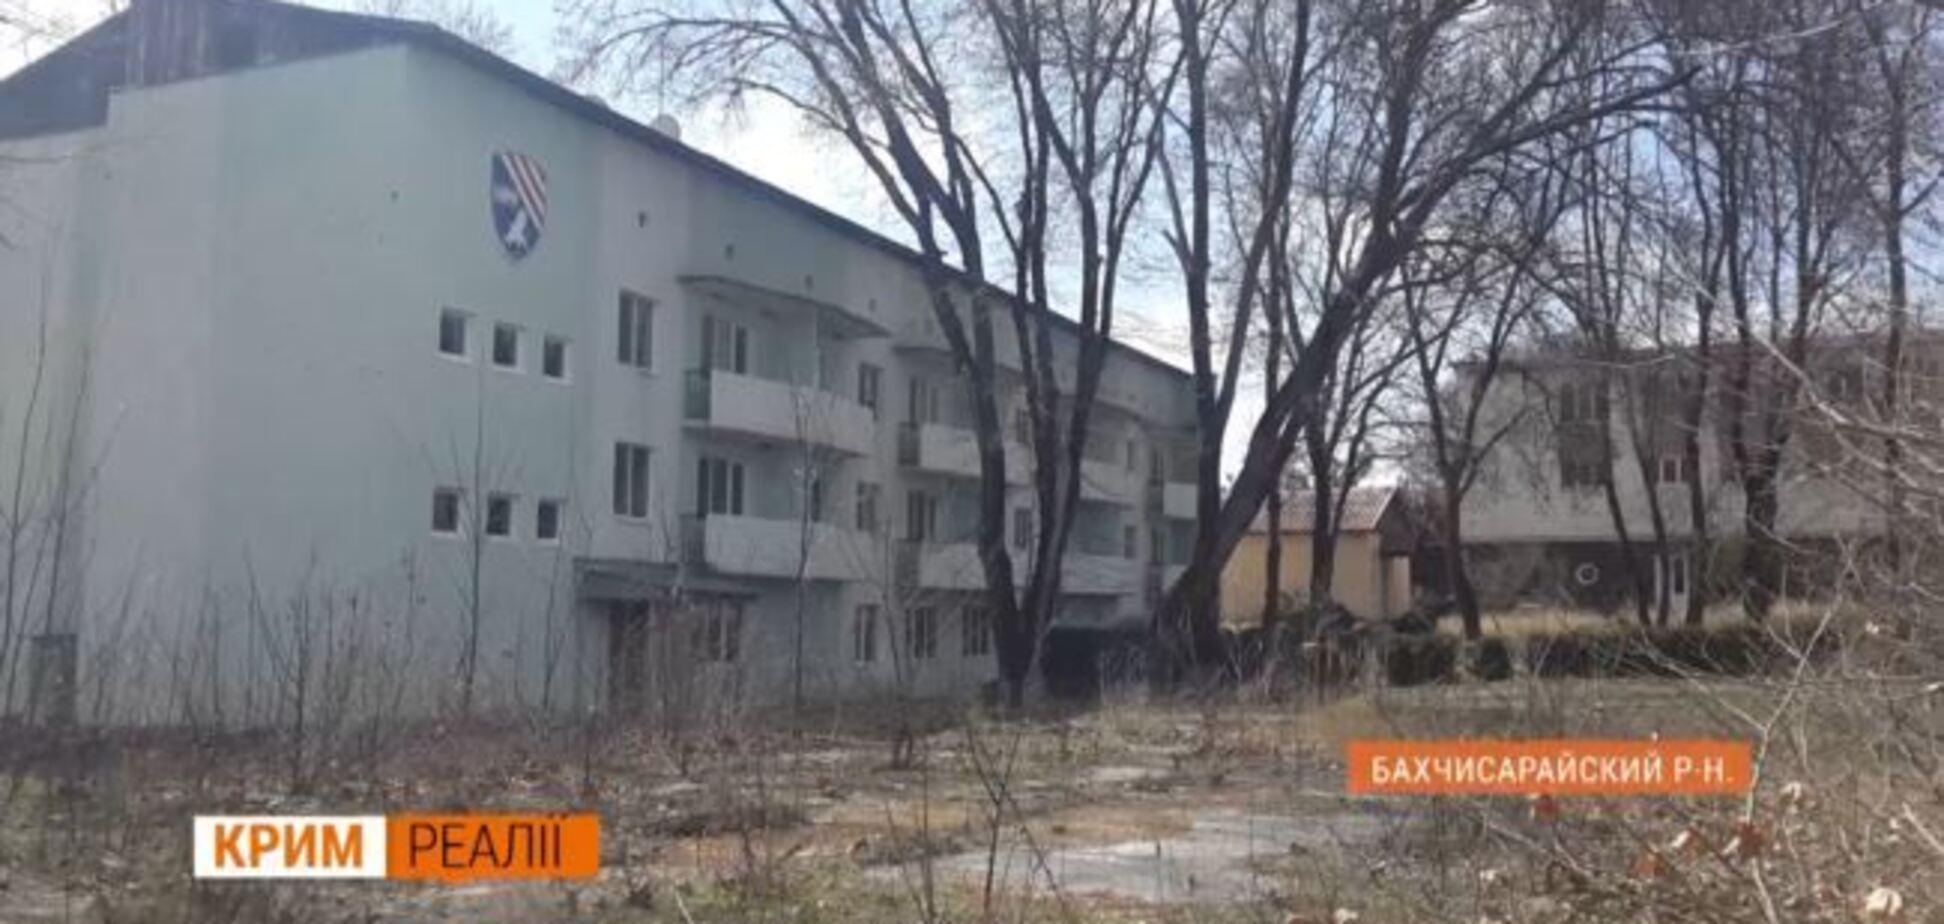 У Криму показали, у що окупанти перетворили 'Таврію' - фотофакт